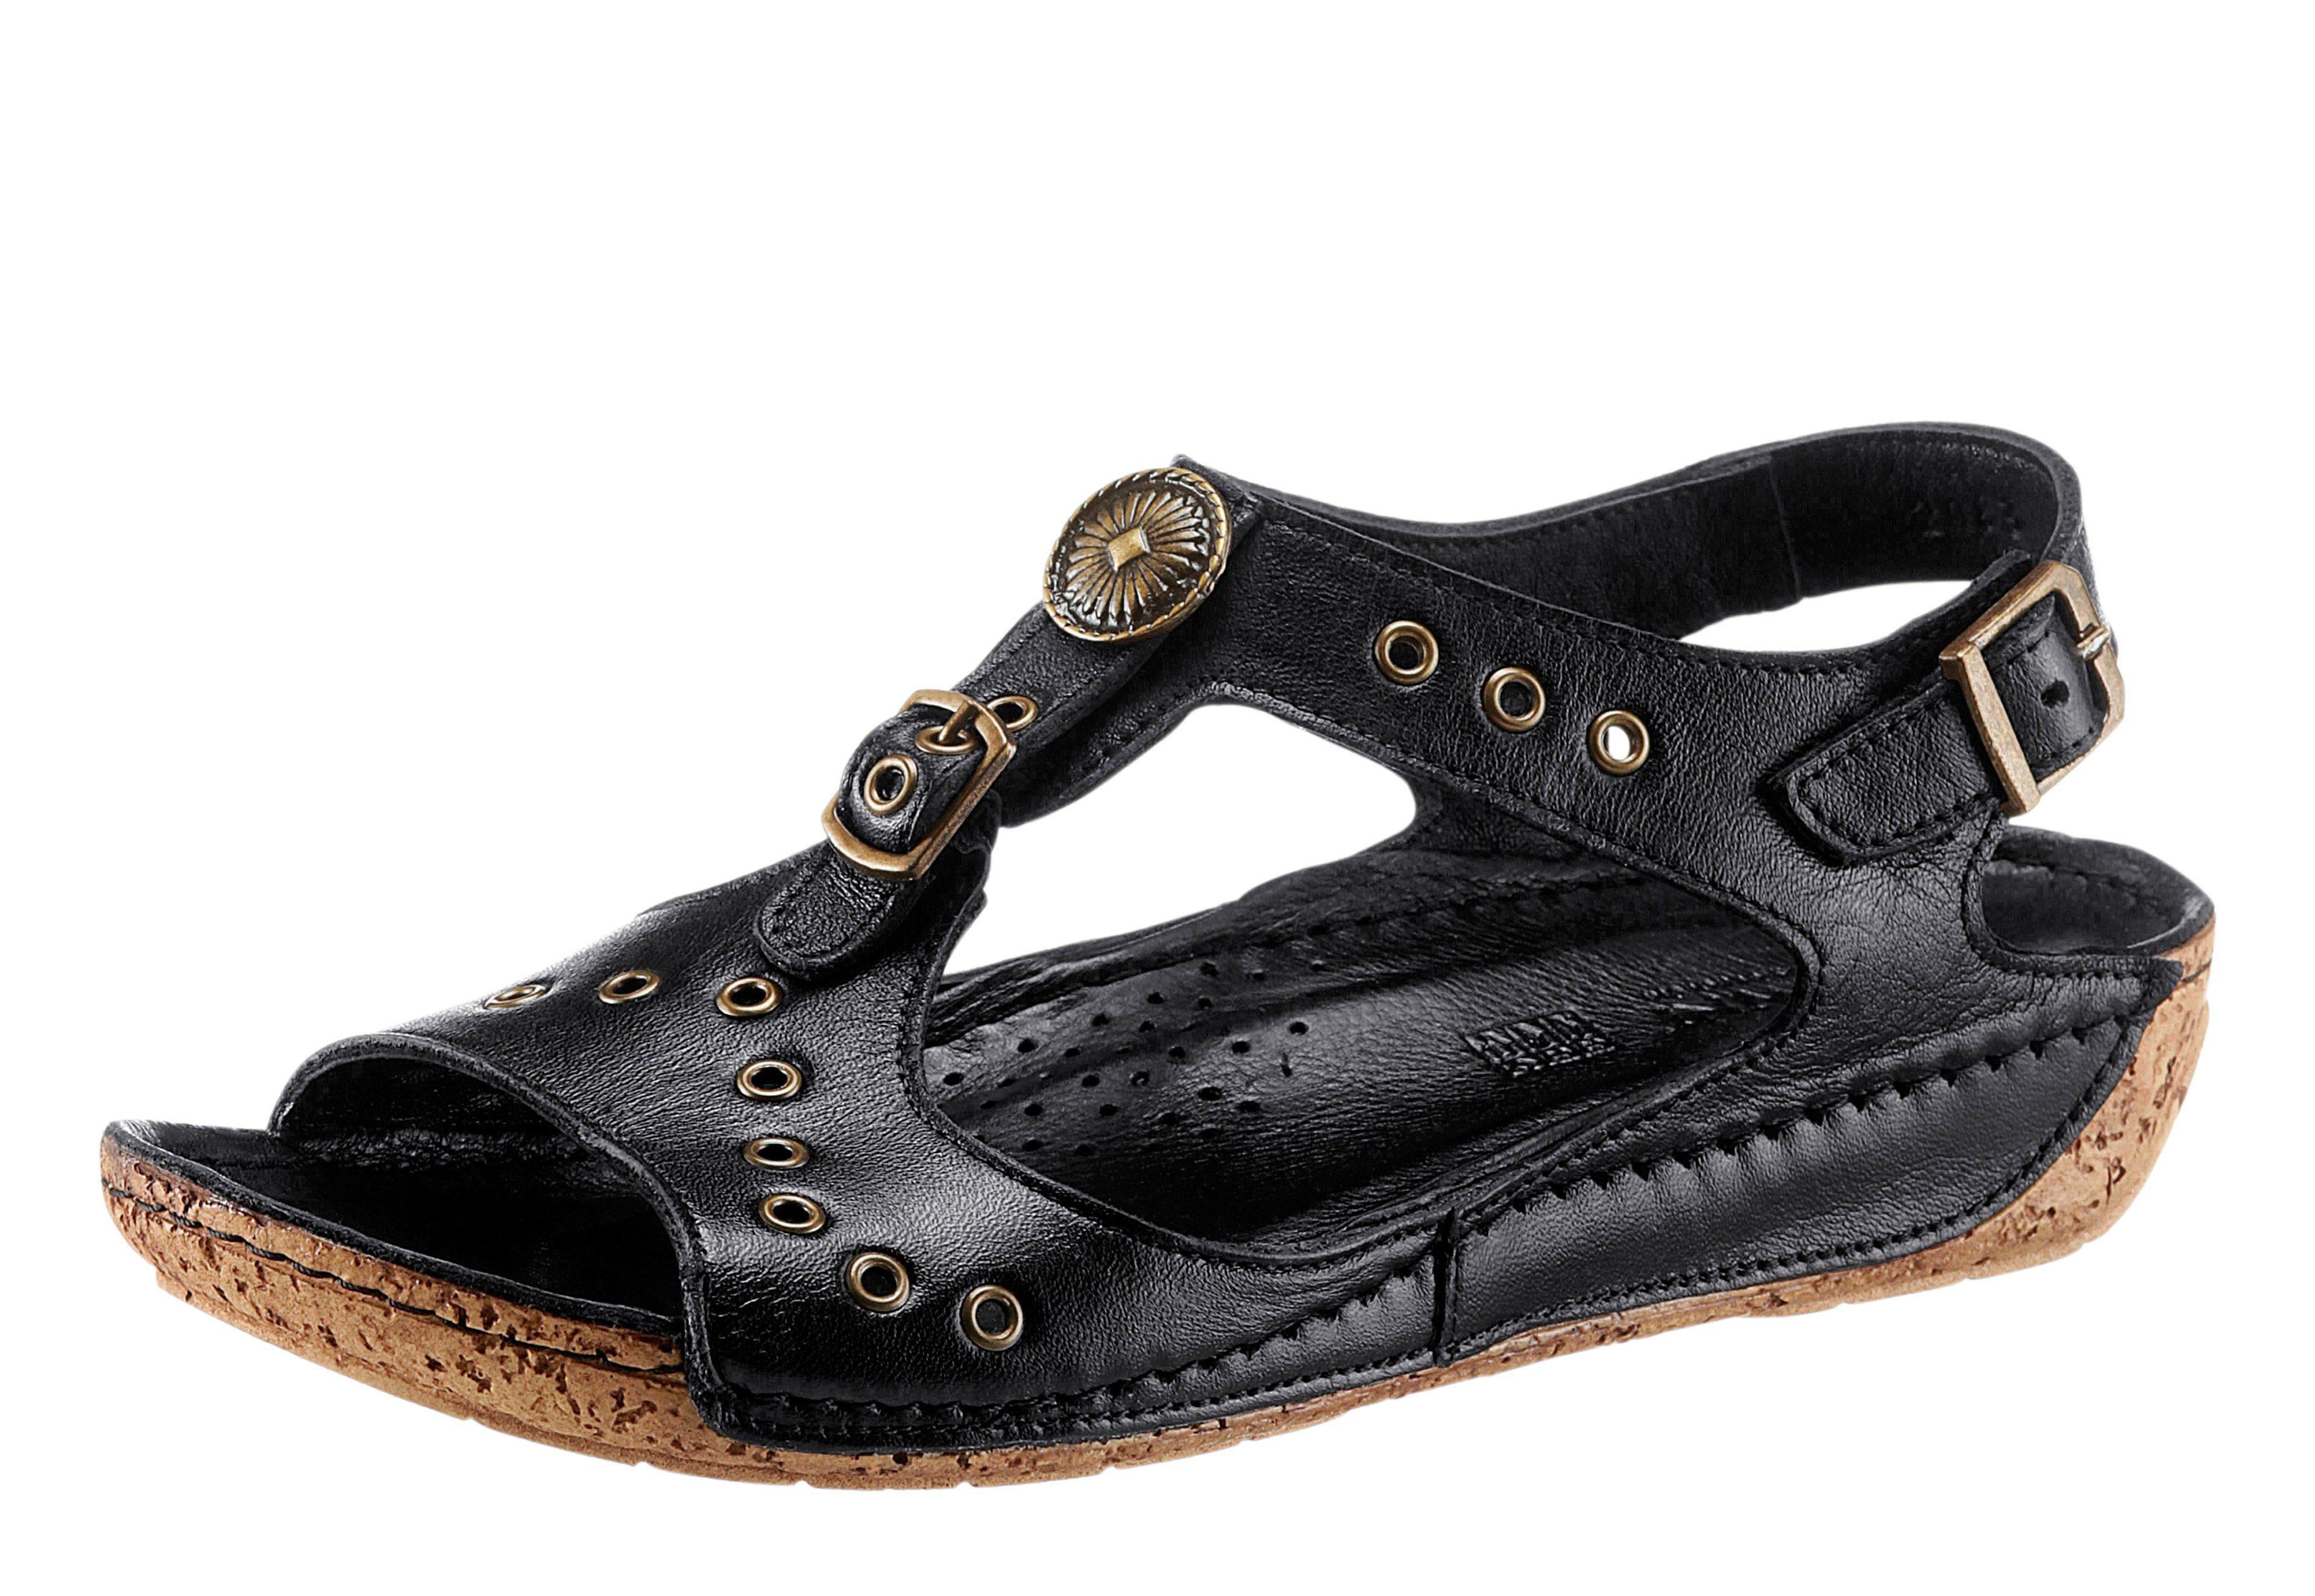 Gemini Sandalette mit Ziernieten und Zierknöpfen, schwarz, schwarz